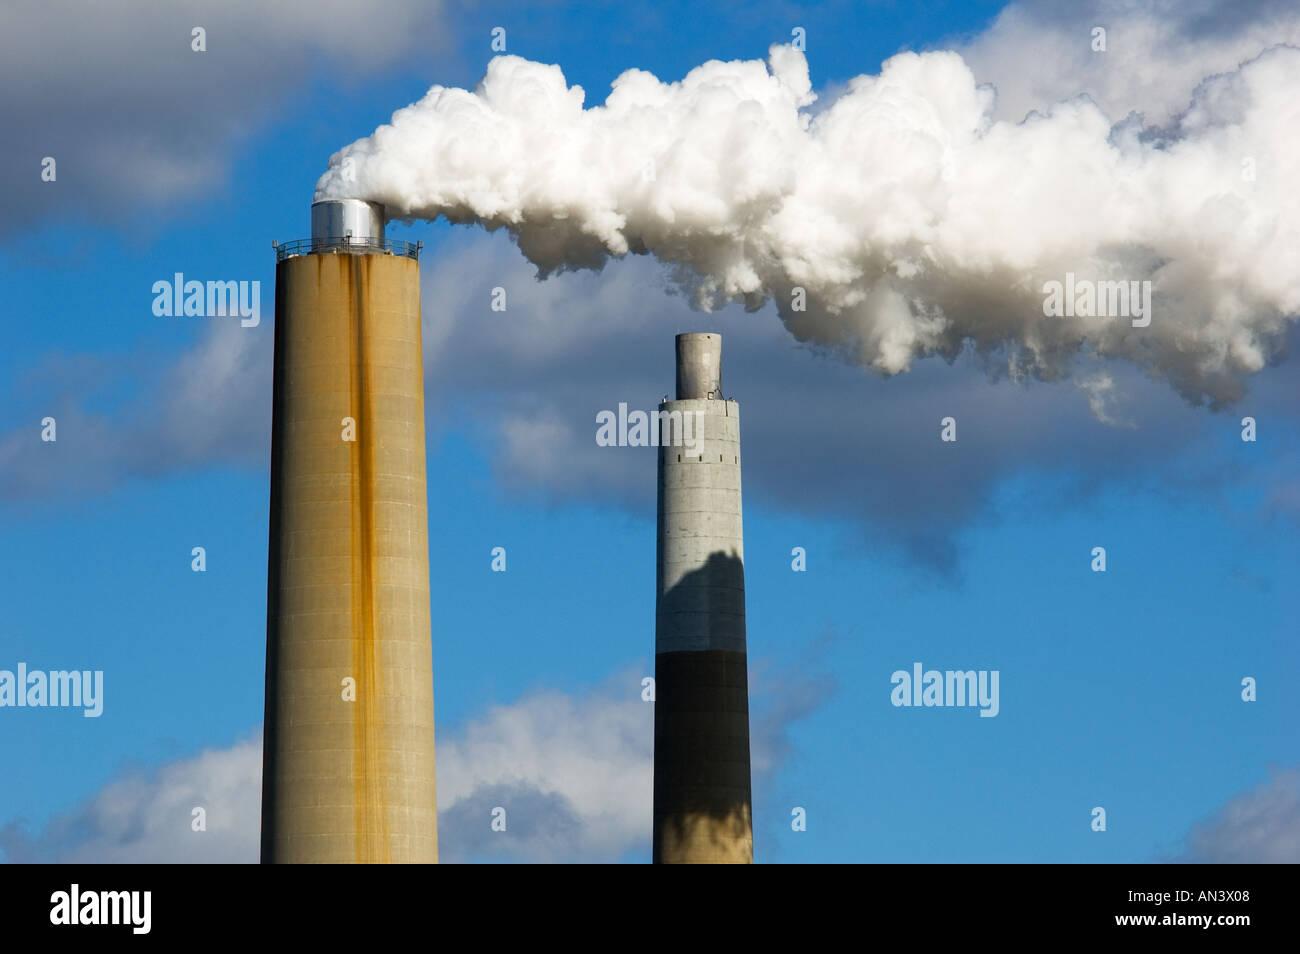 Tall Smoke Stacks Stock Photos & Tall Smoke Stacks Stock Images - Alamy